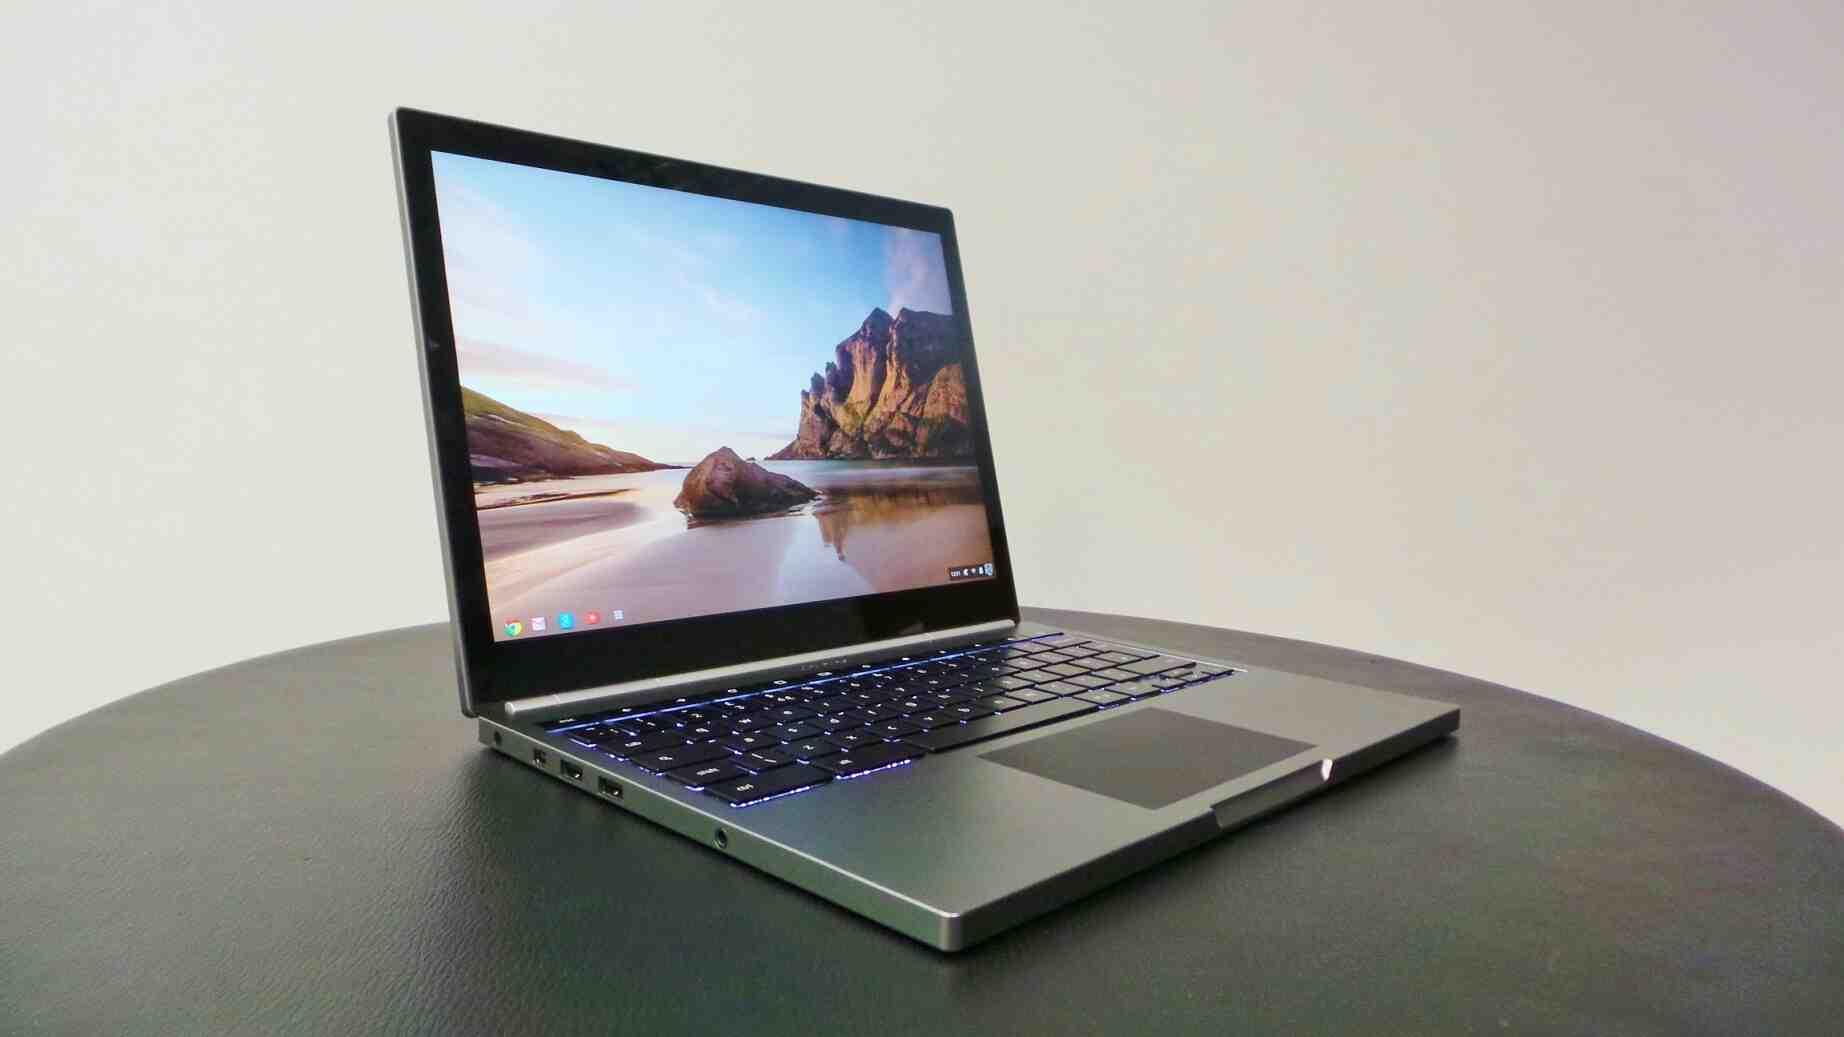 Comment installer un logiciel sur mon Chromebook?